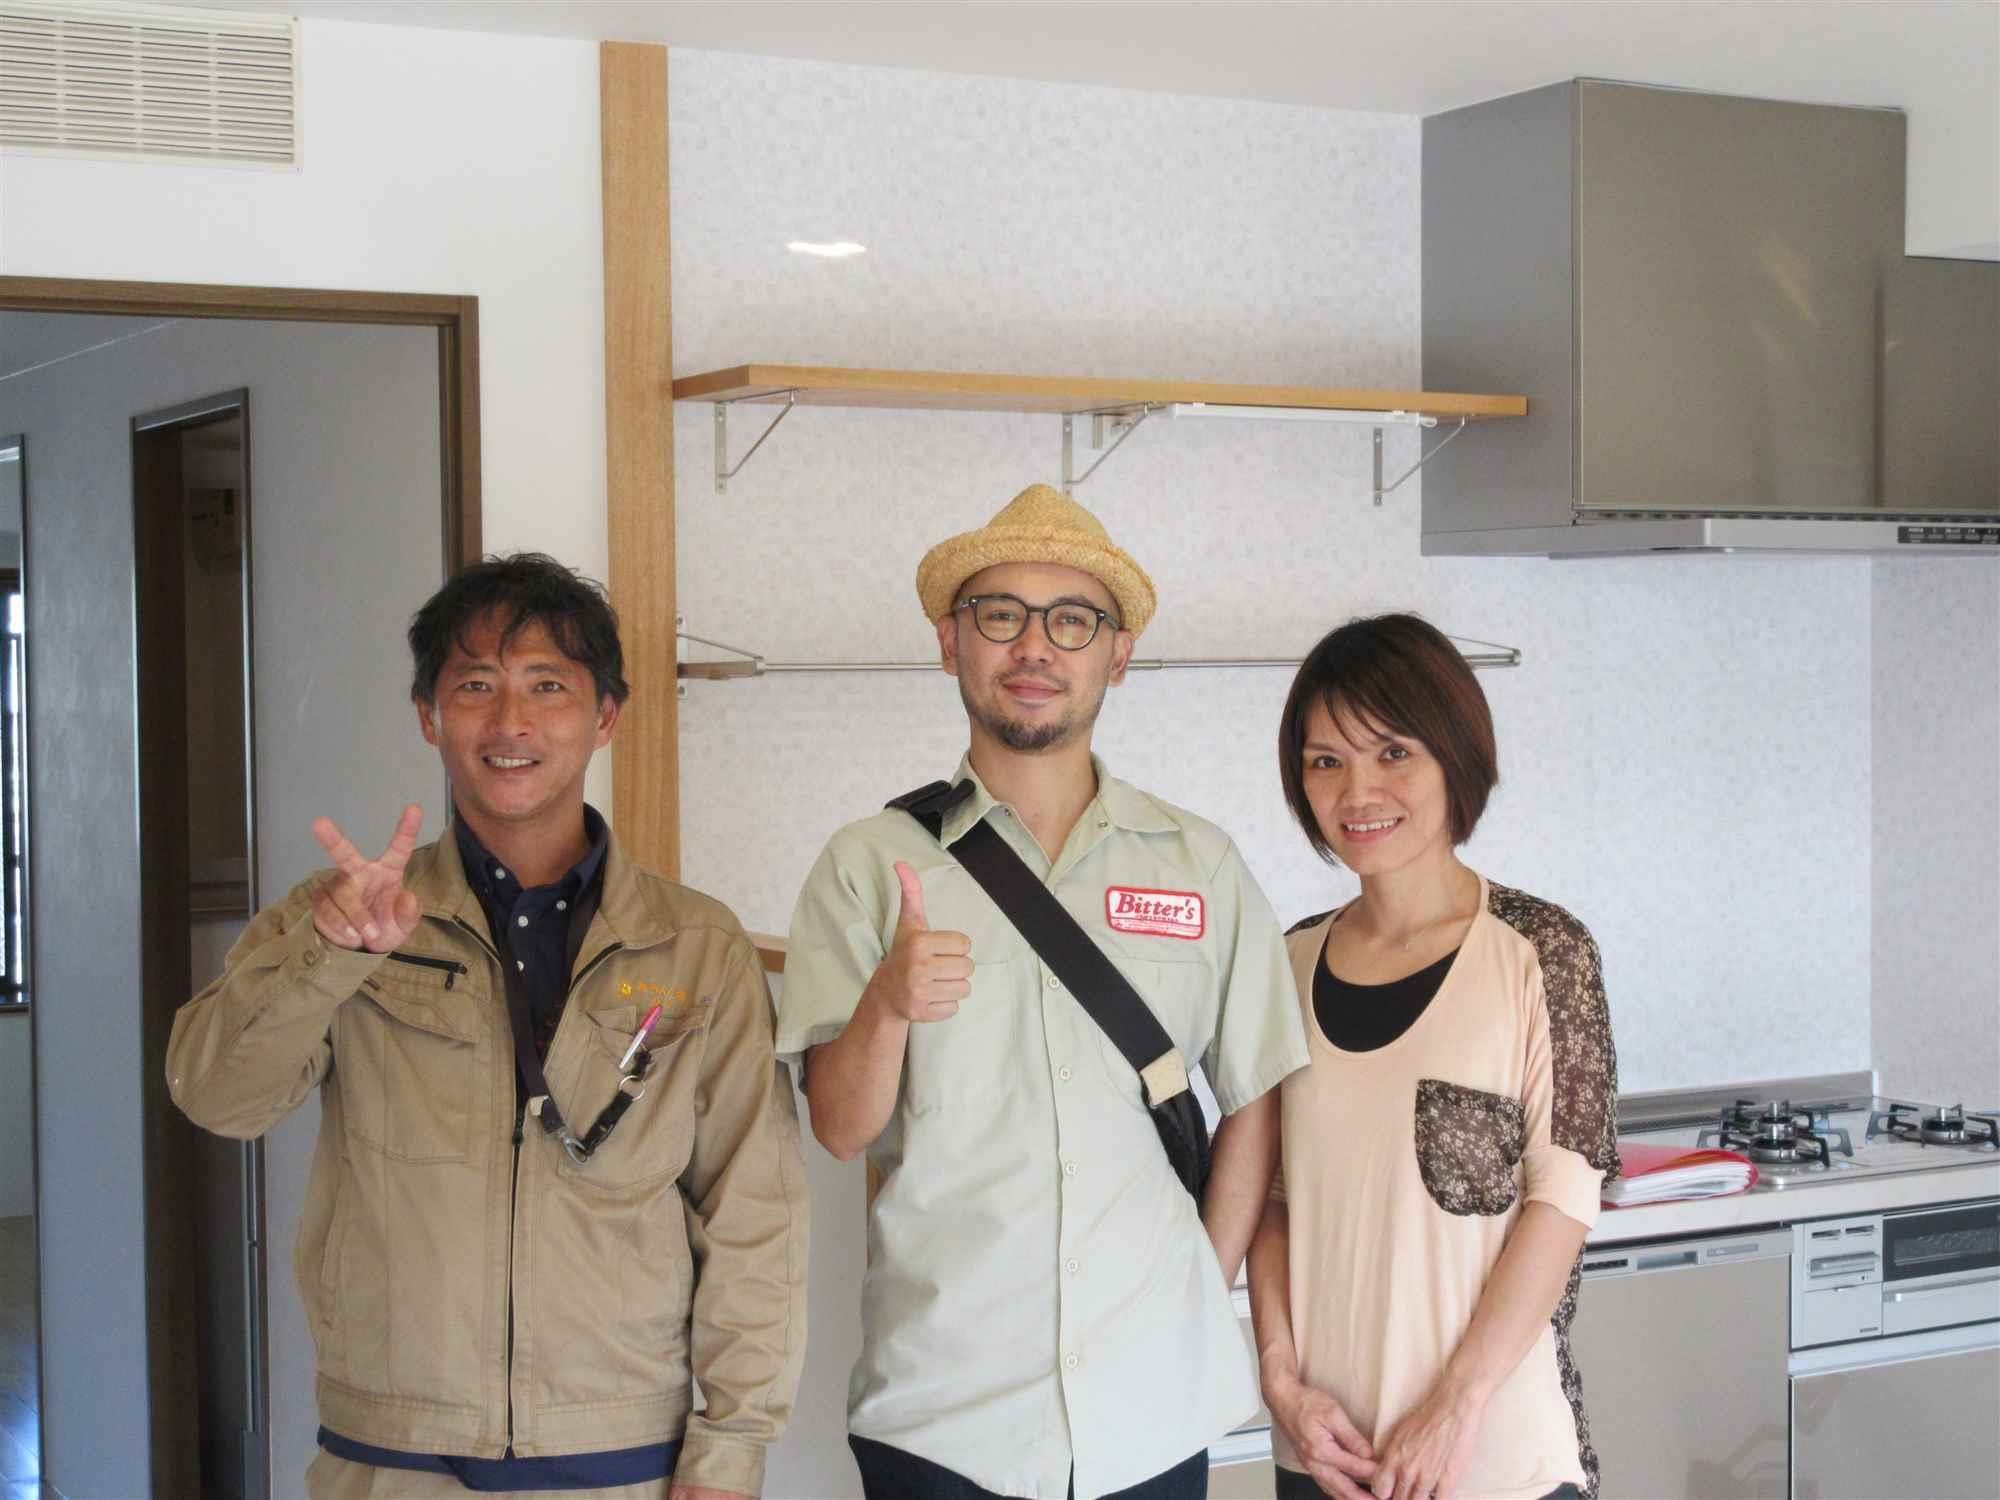 沖縄・那覇のリフォーム 実際のお客様の写真:社員さんの丁寧な対応